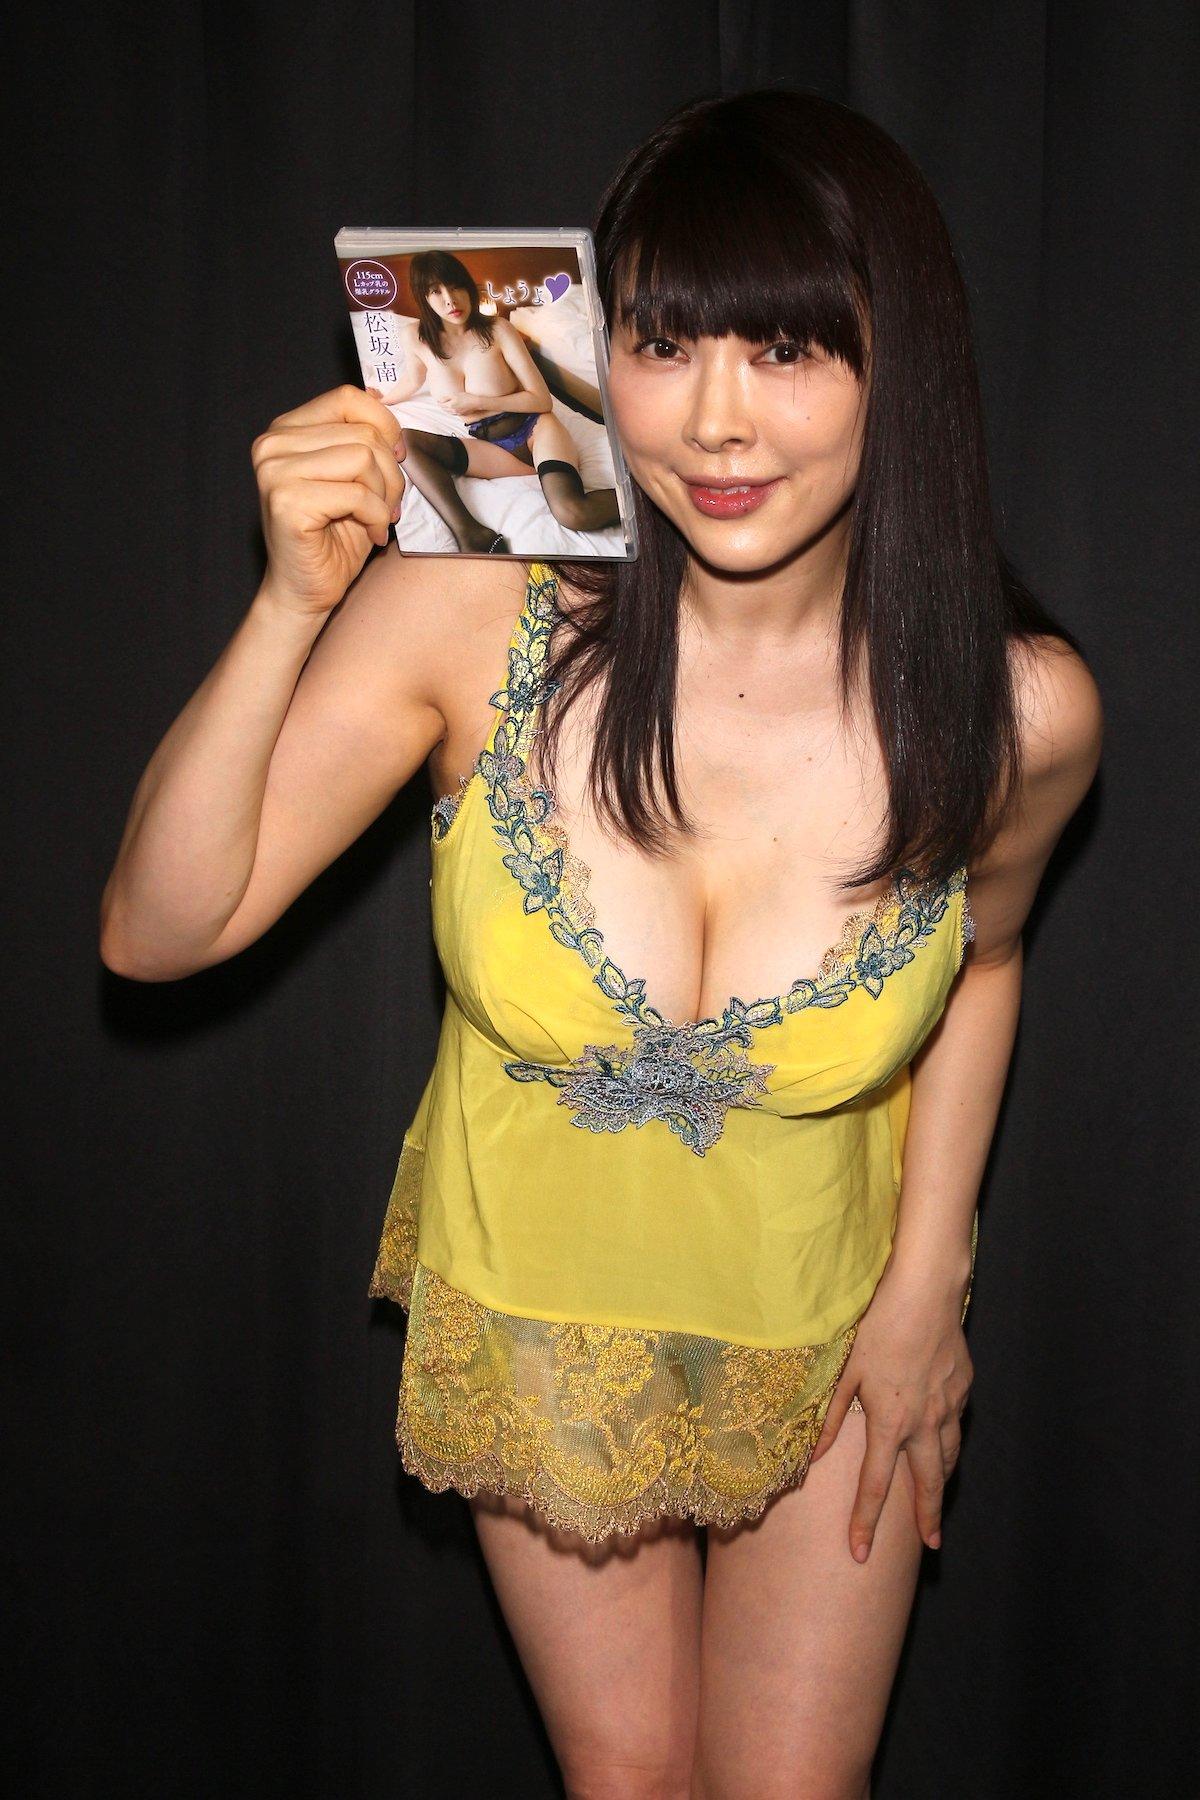 松坂南「襦袢を着崩してMっぽい雰囲気に」和風セクシーに挑戦【画像46枚】の画像036